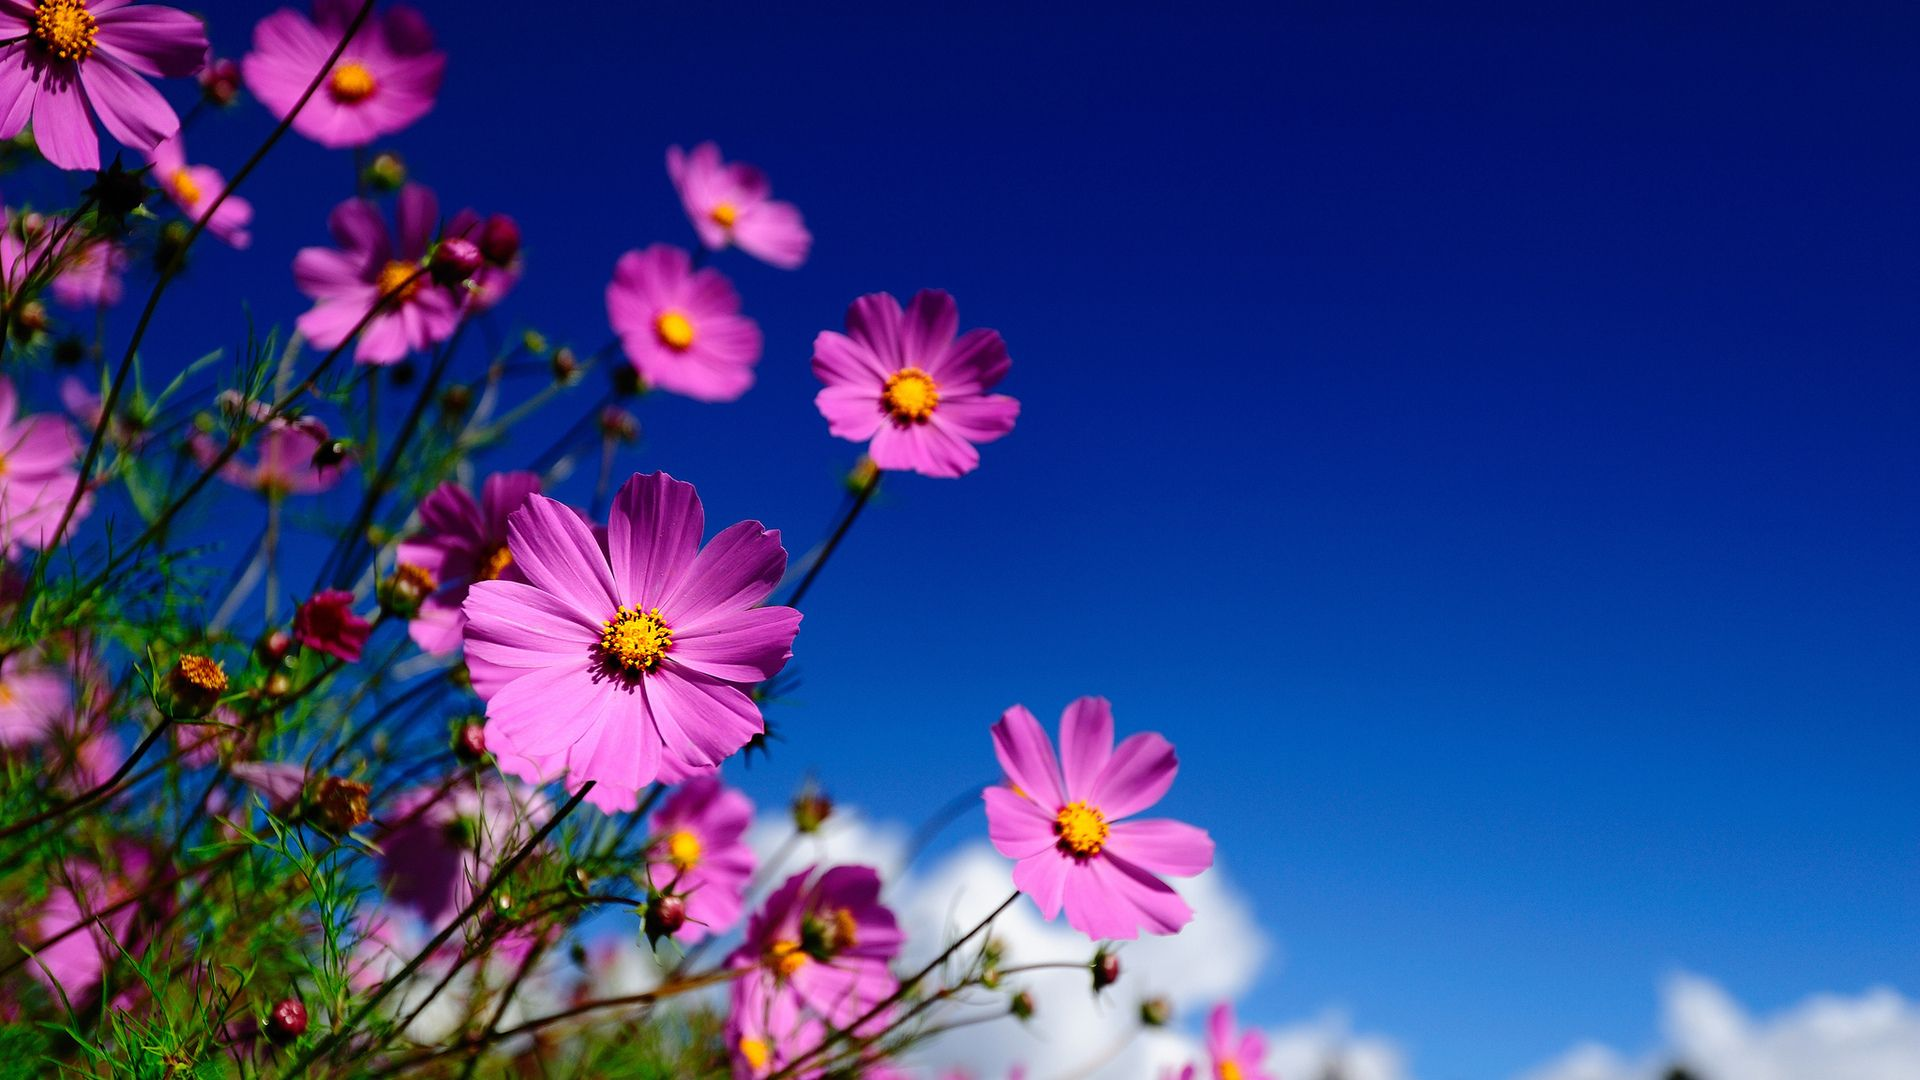 Flowers Cvety Oboi Dlya Rabochego Stola Kompyutera Oboi